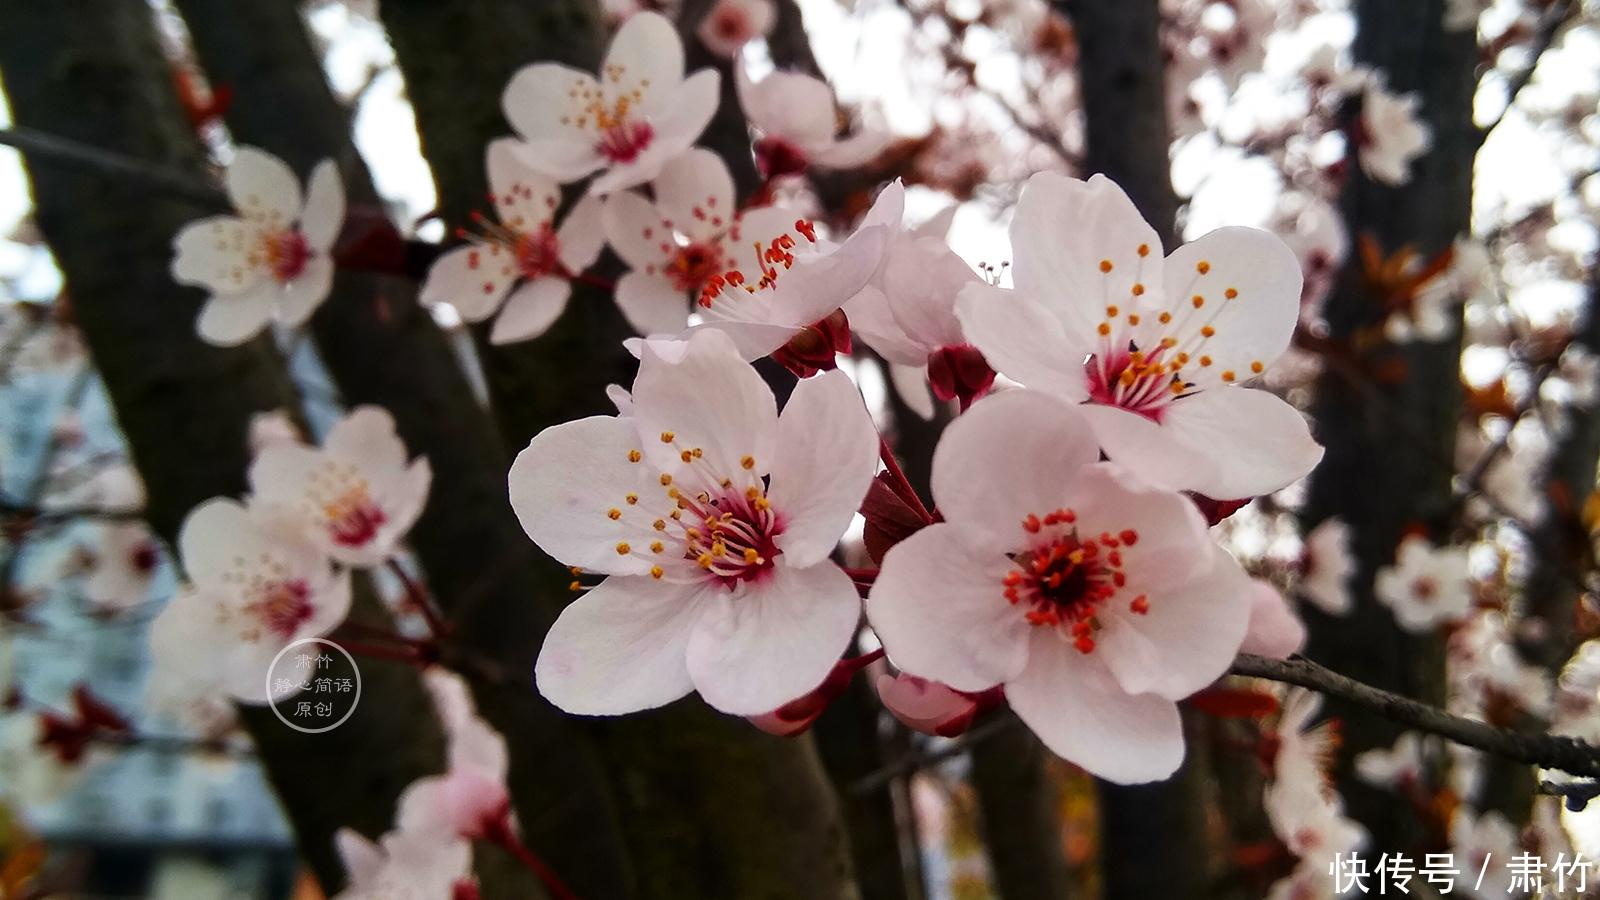 错过的春天,还有多少美好留下来